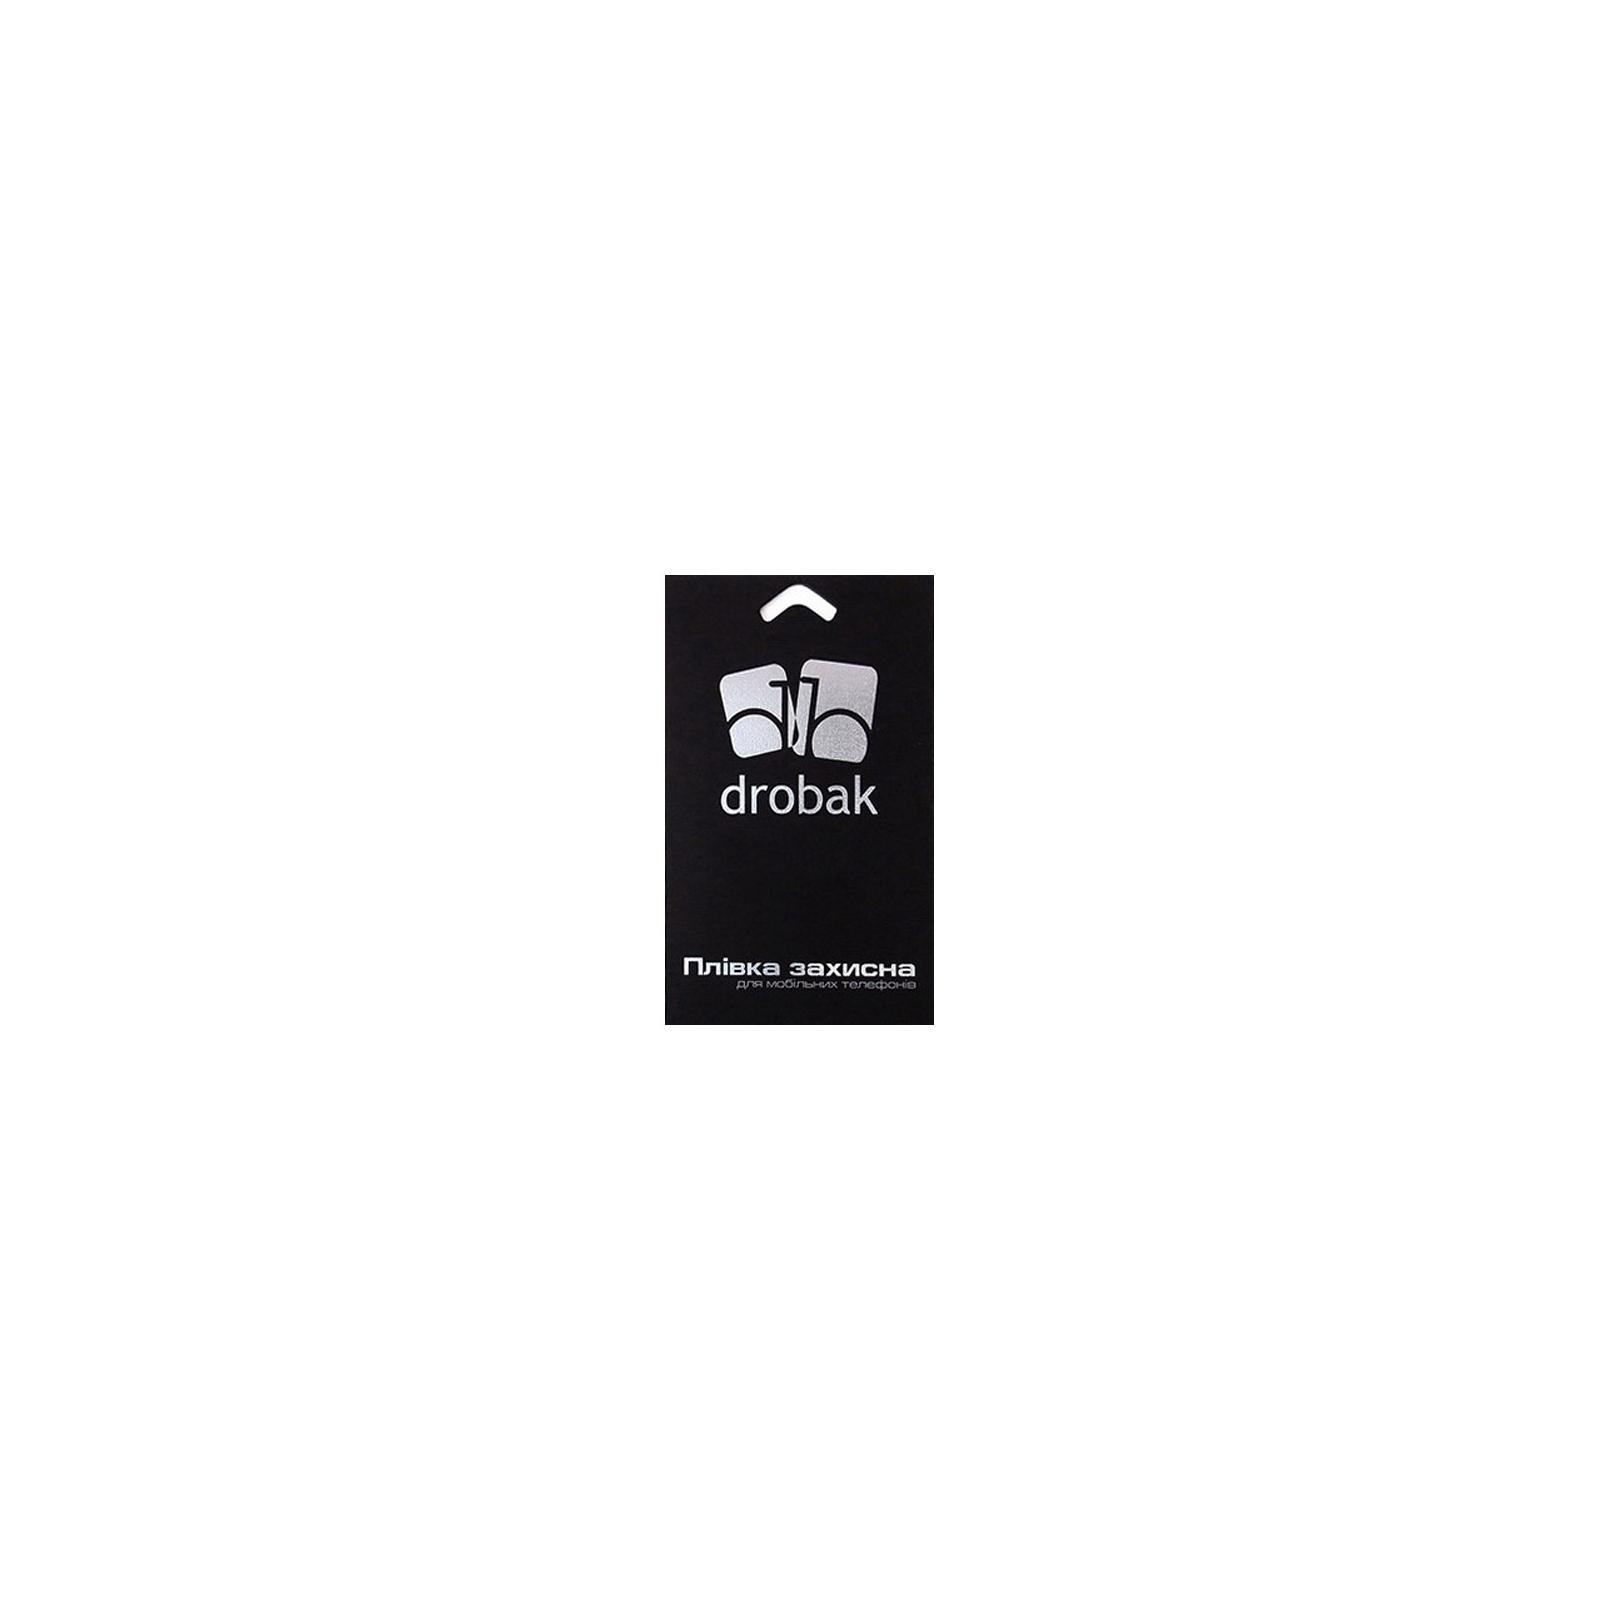 Пленка защитная Drobak для Sony Xperia C3 D2502 (506671)